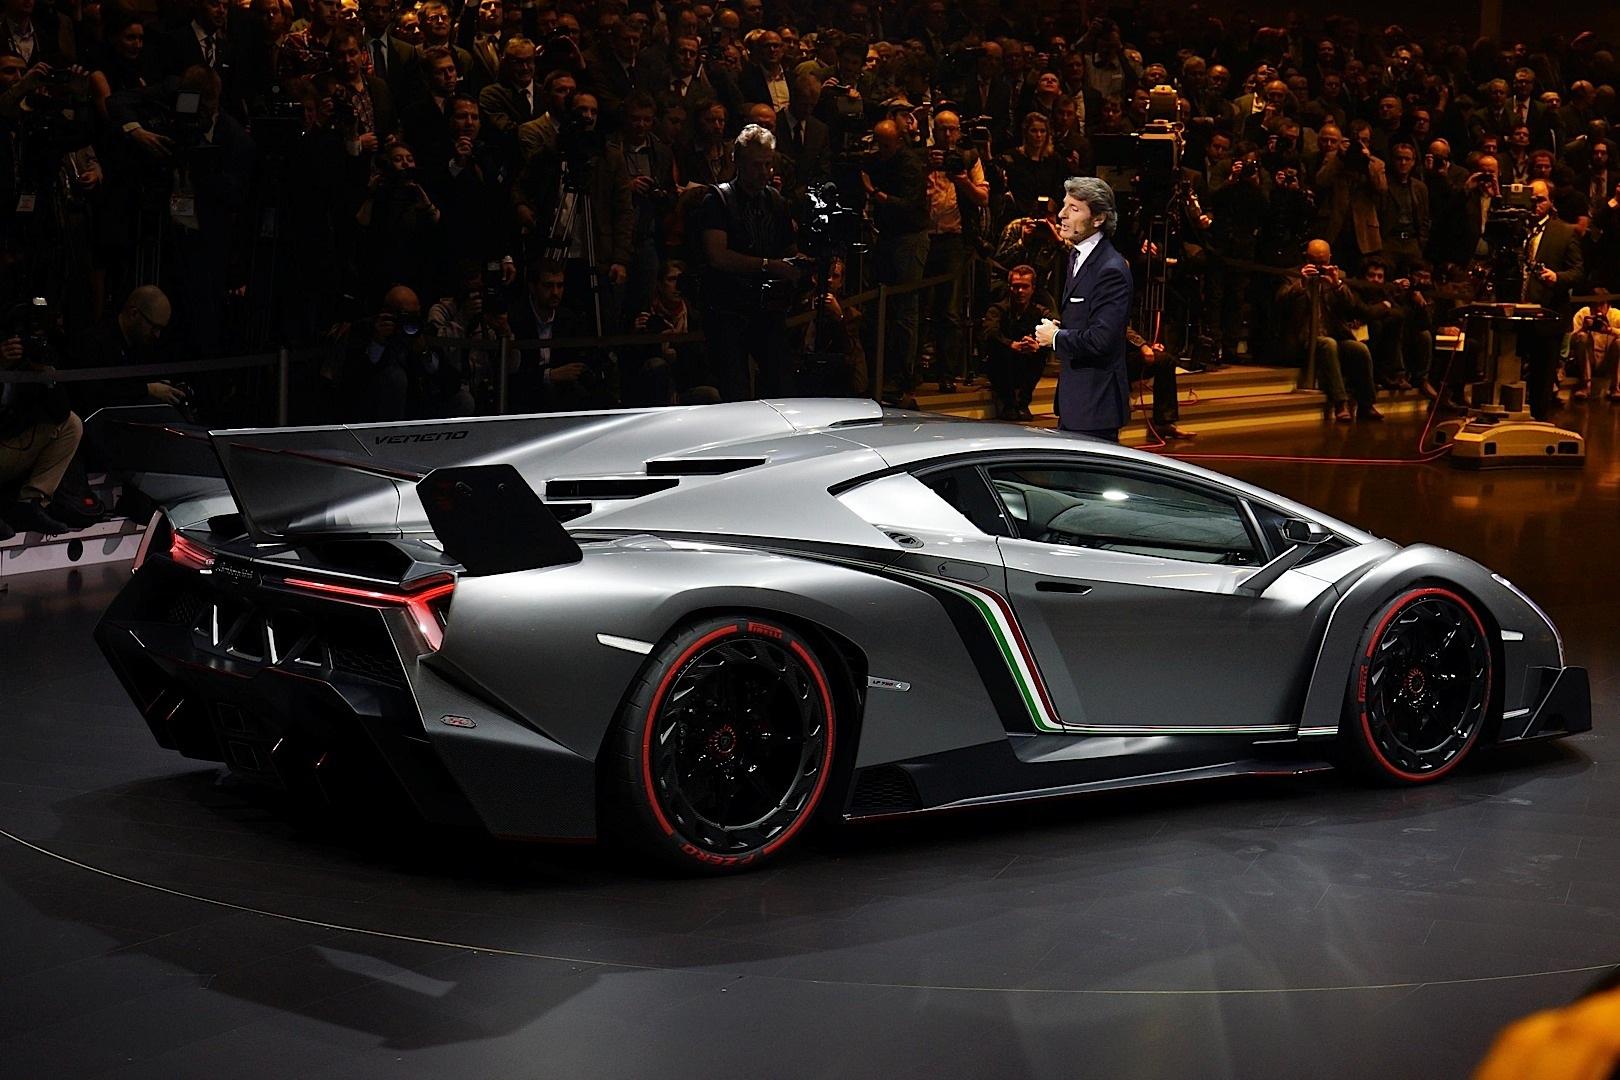 Lamborghini Veneno For Sale >> Second Lamborghini Veneno Listed for Sale, Speculation Now Milder - autoevolution